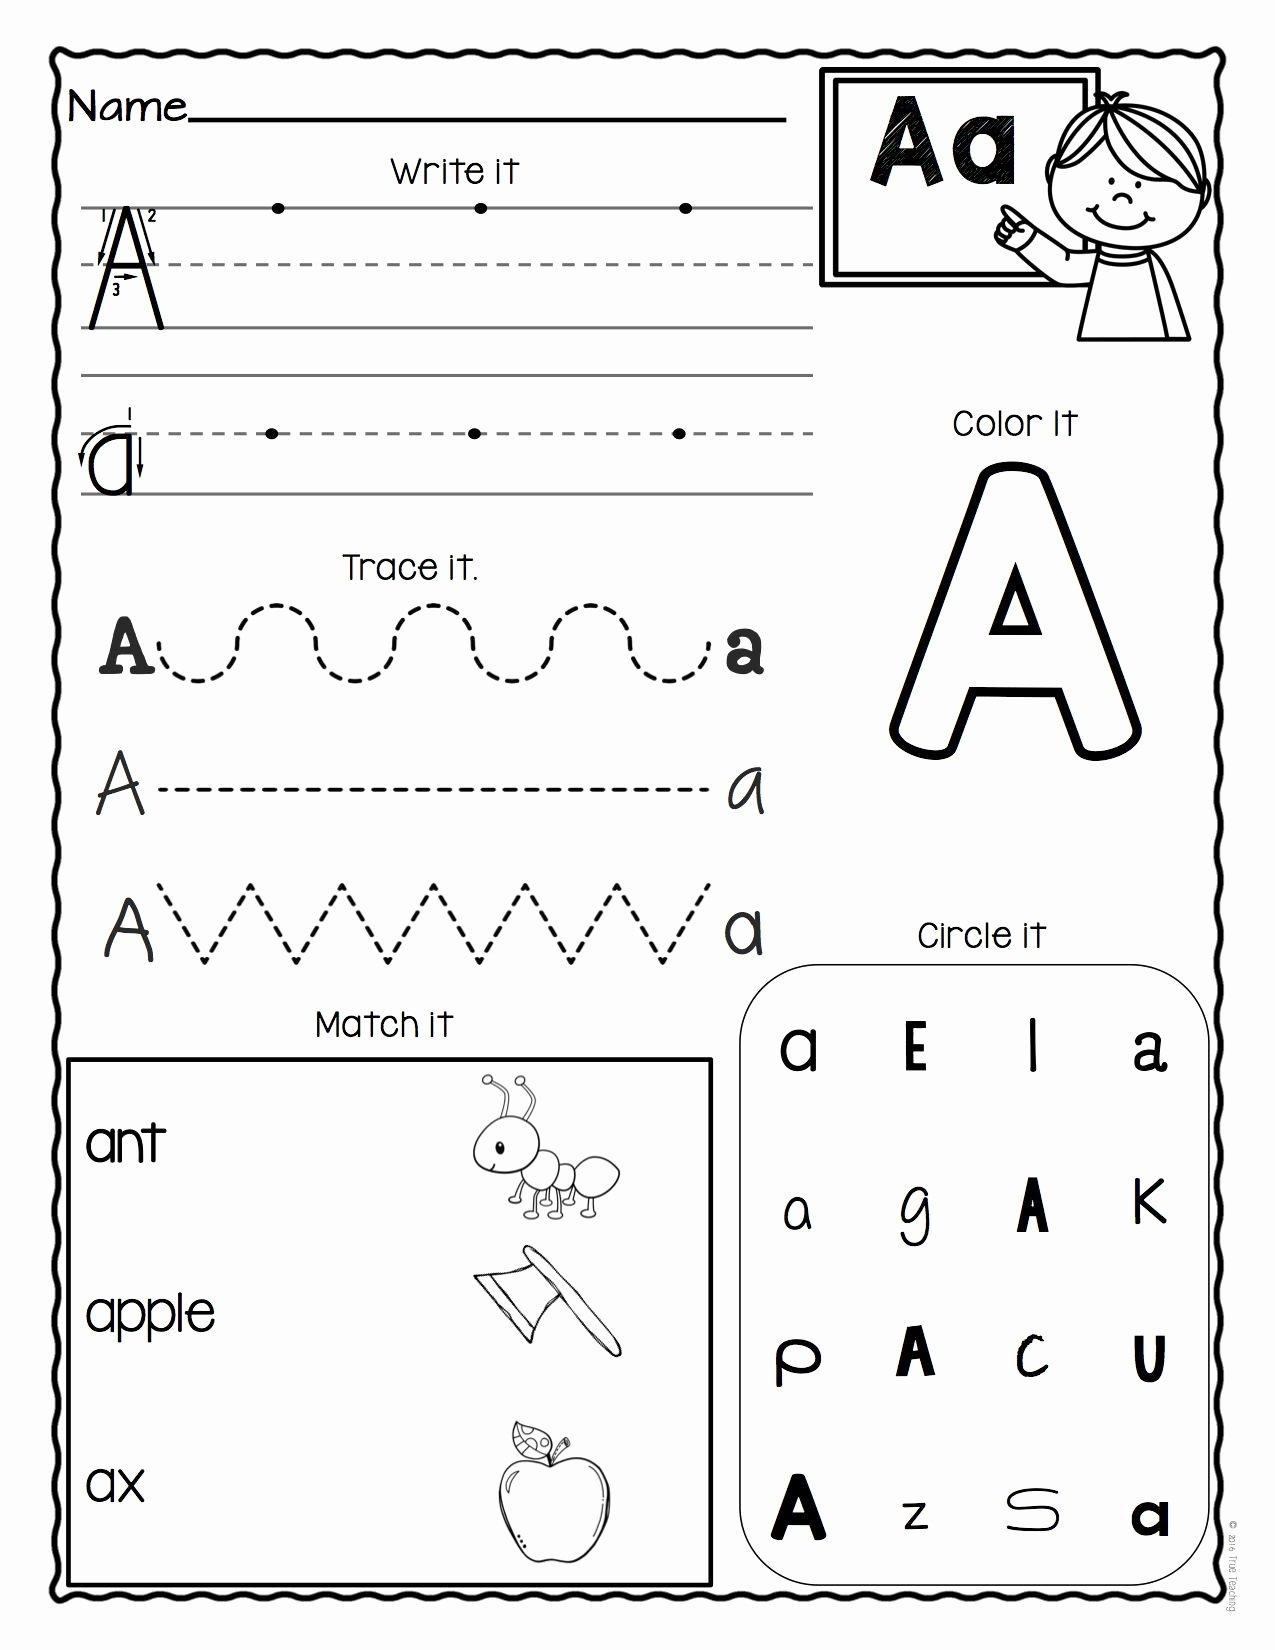 Alphabet Learning Worksheets for Preschoolers Lovely A Z Letter Worksheets Set 3